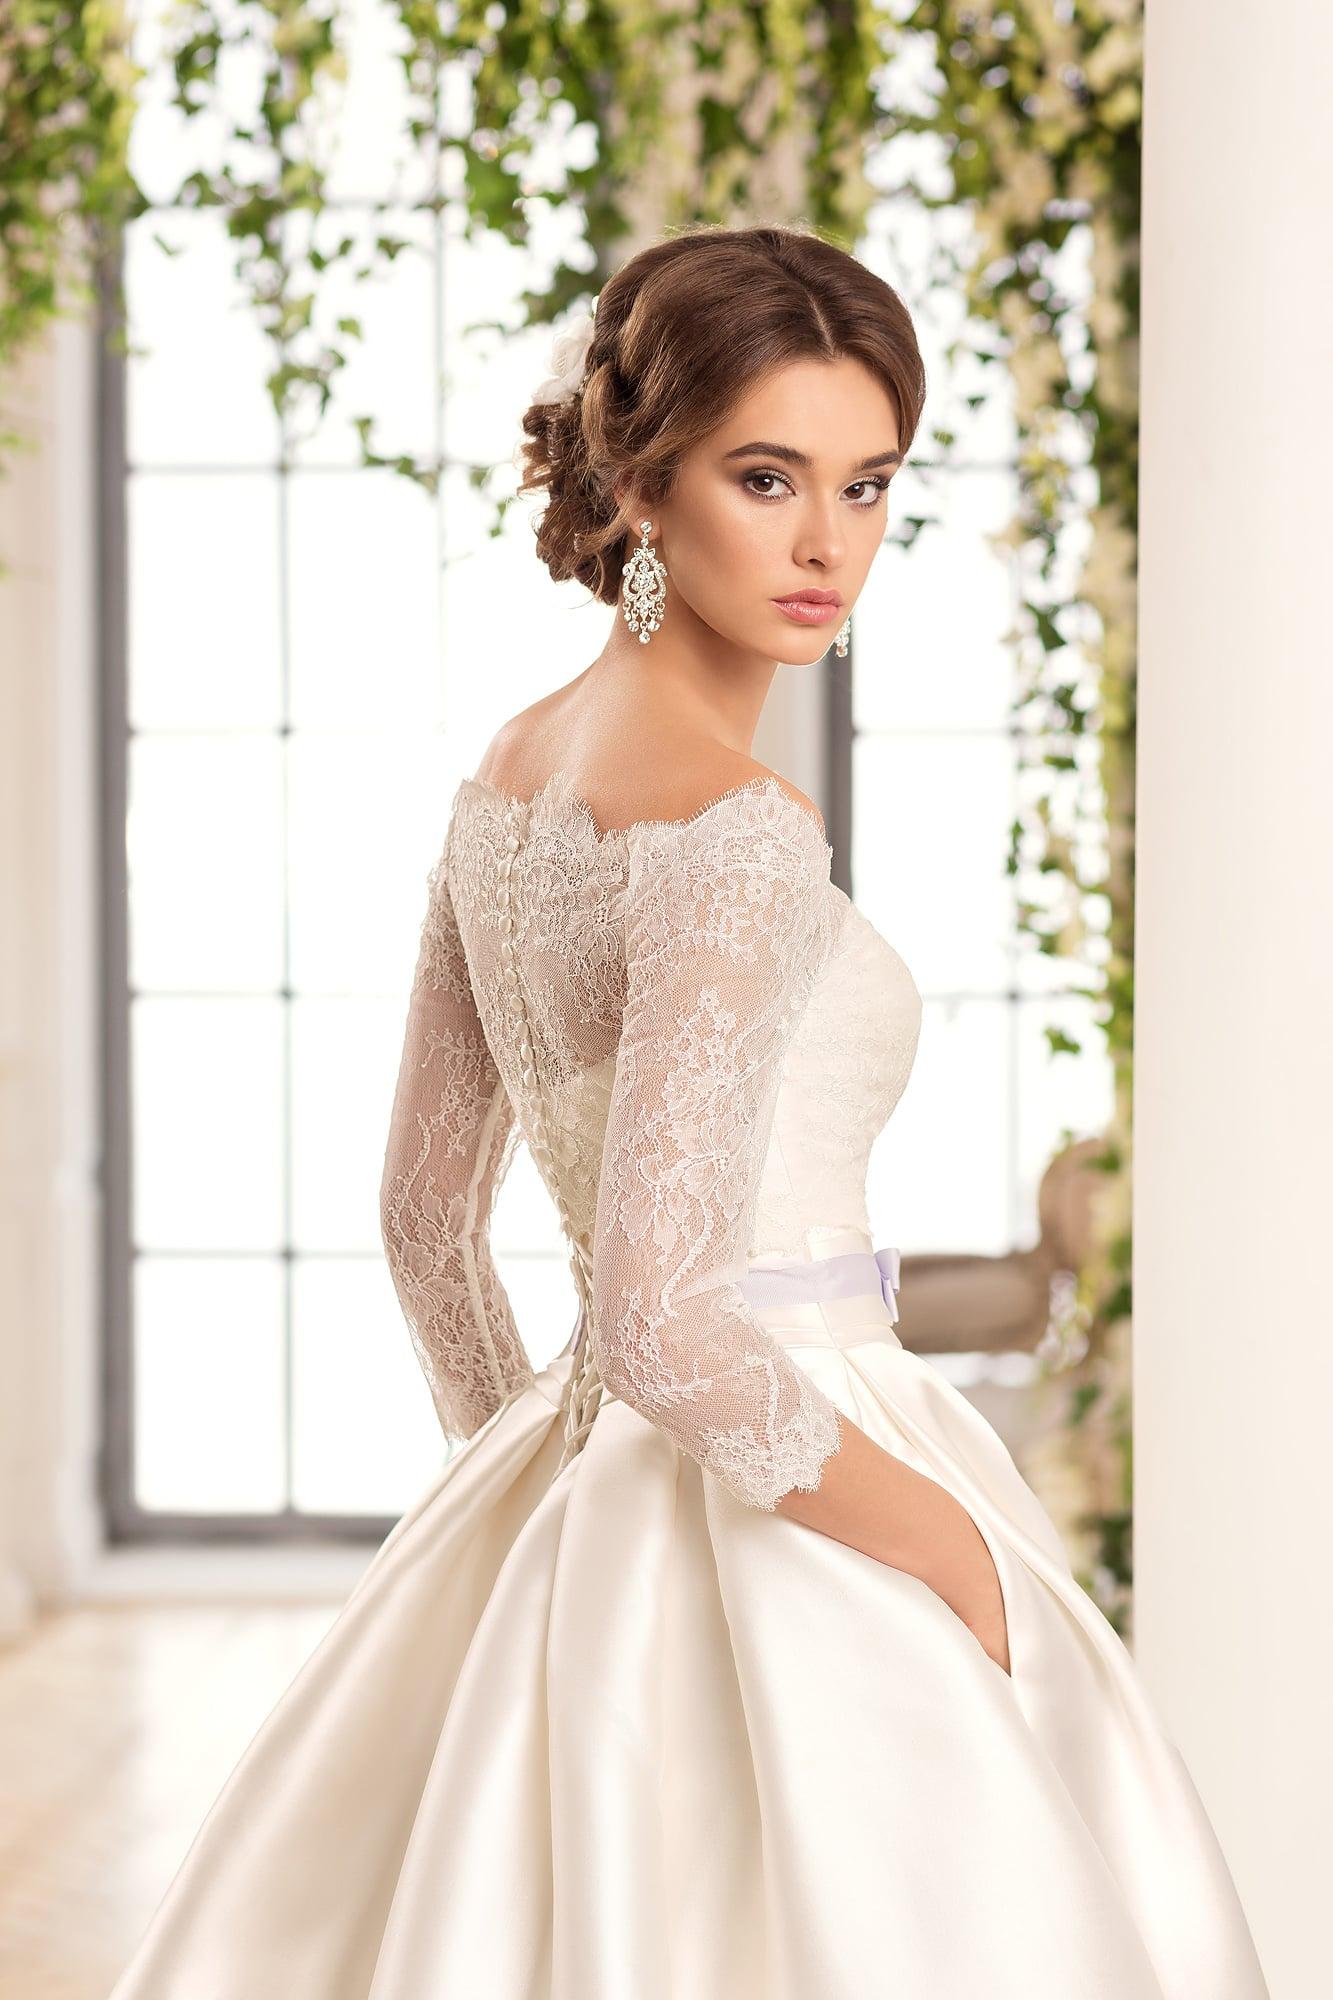 0a0b29dd7d8 Пышное свадебное платье из атласа с широким поясом и кружевным болеро.